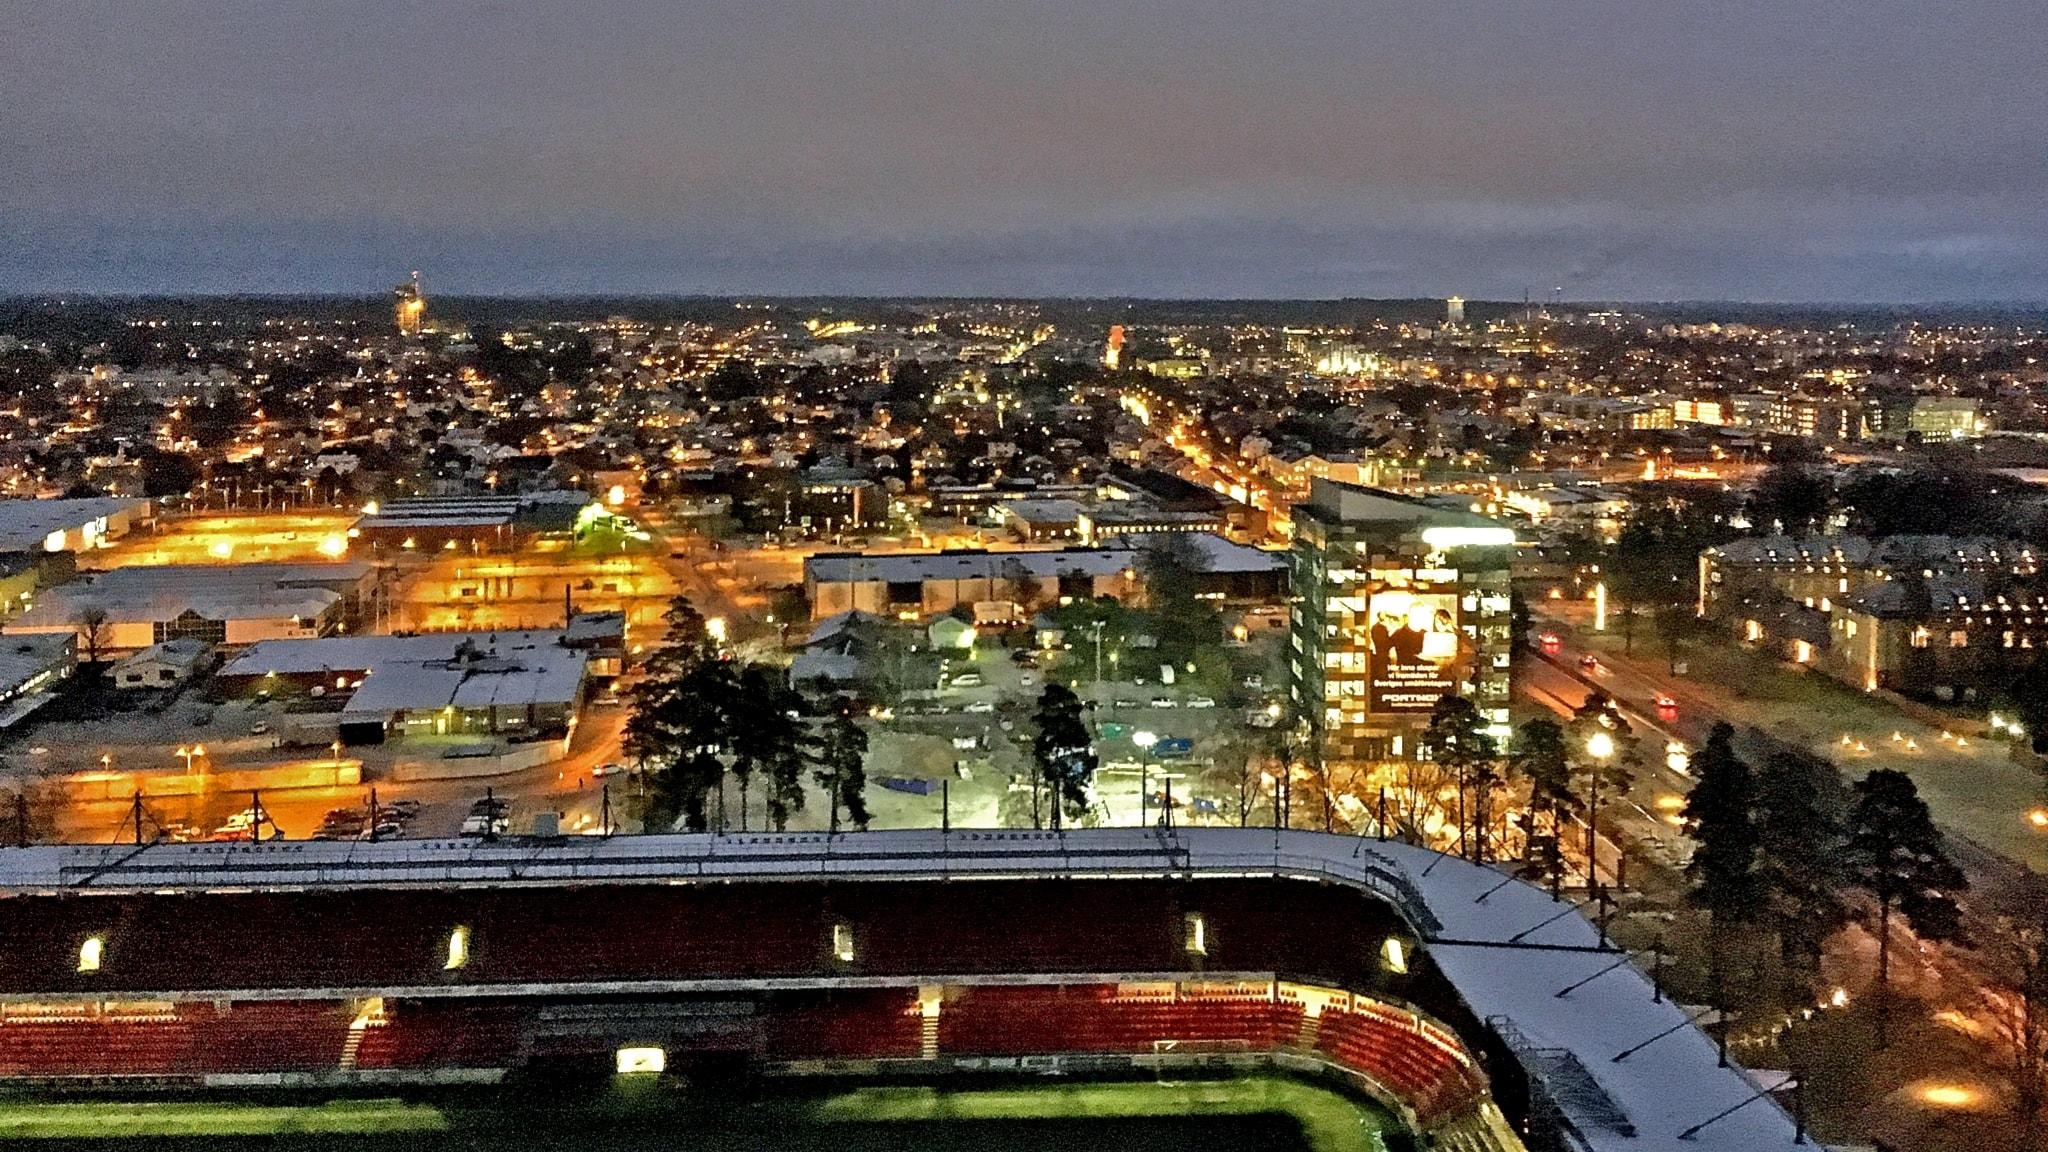 Vi blickar ut över Växjö från 19:e våningen